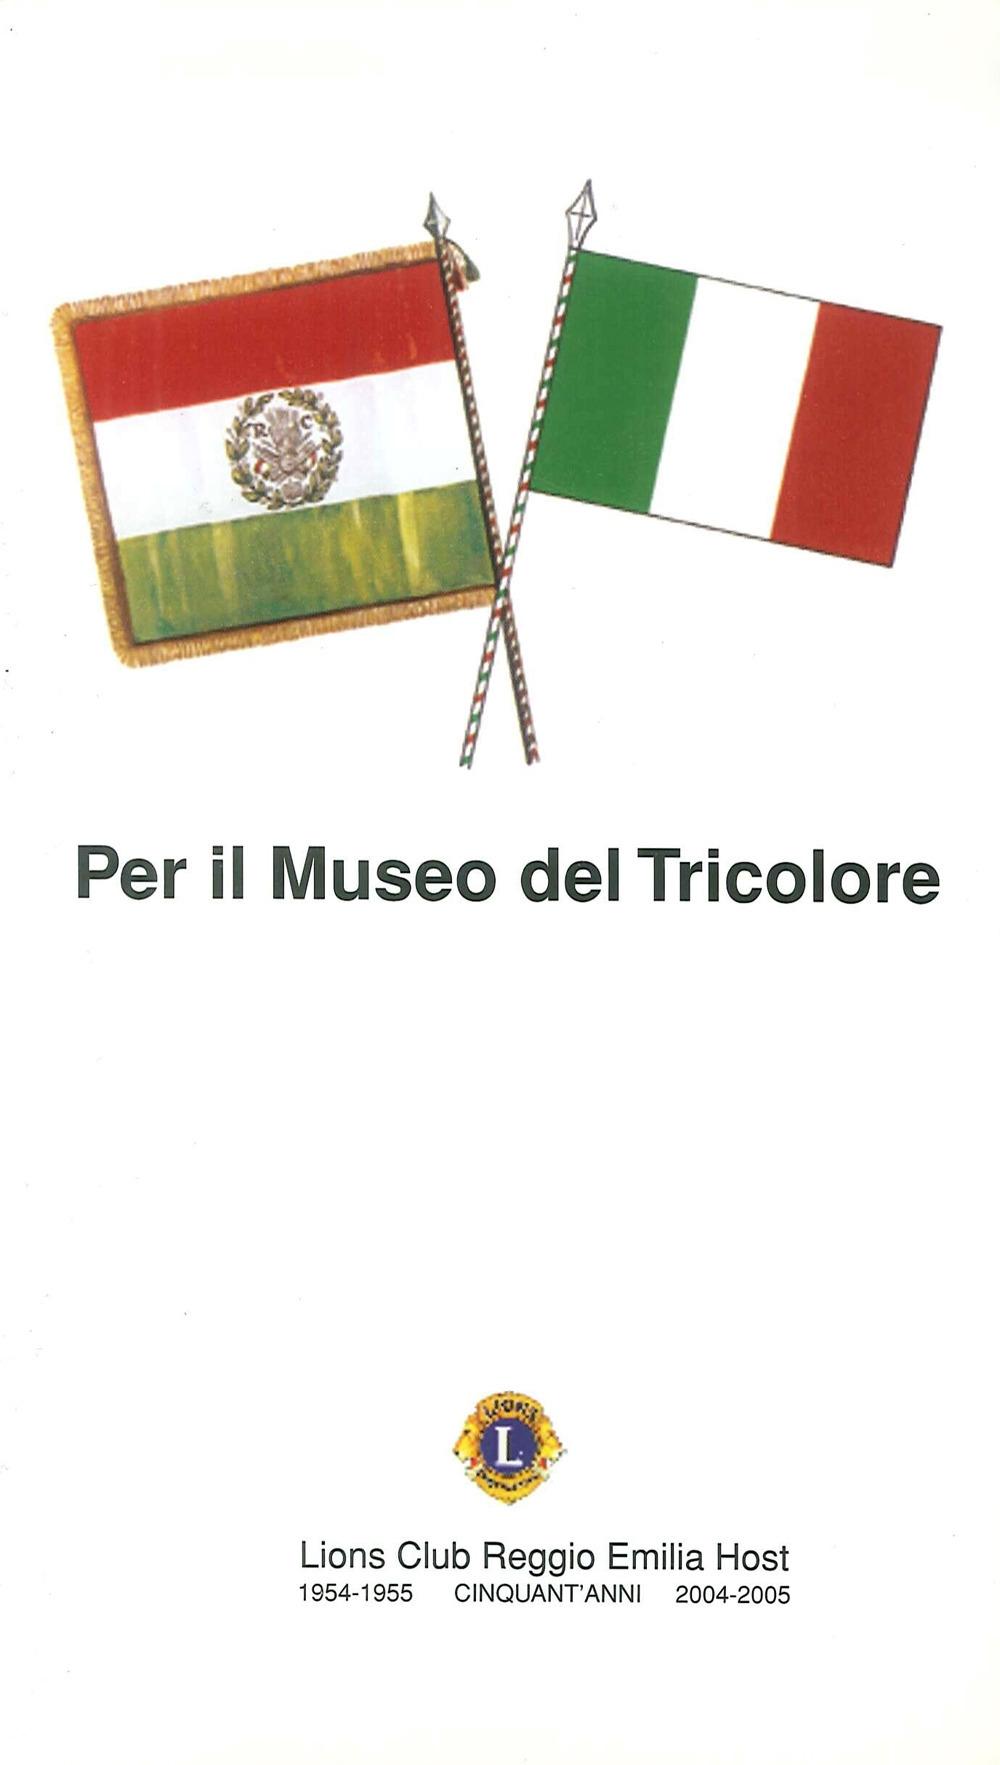 Per il Museo del Tricolore